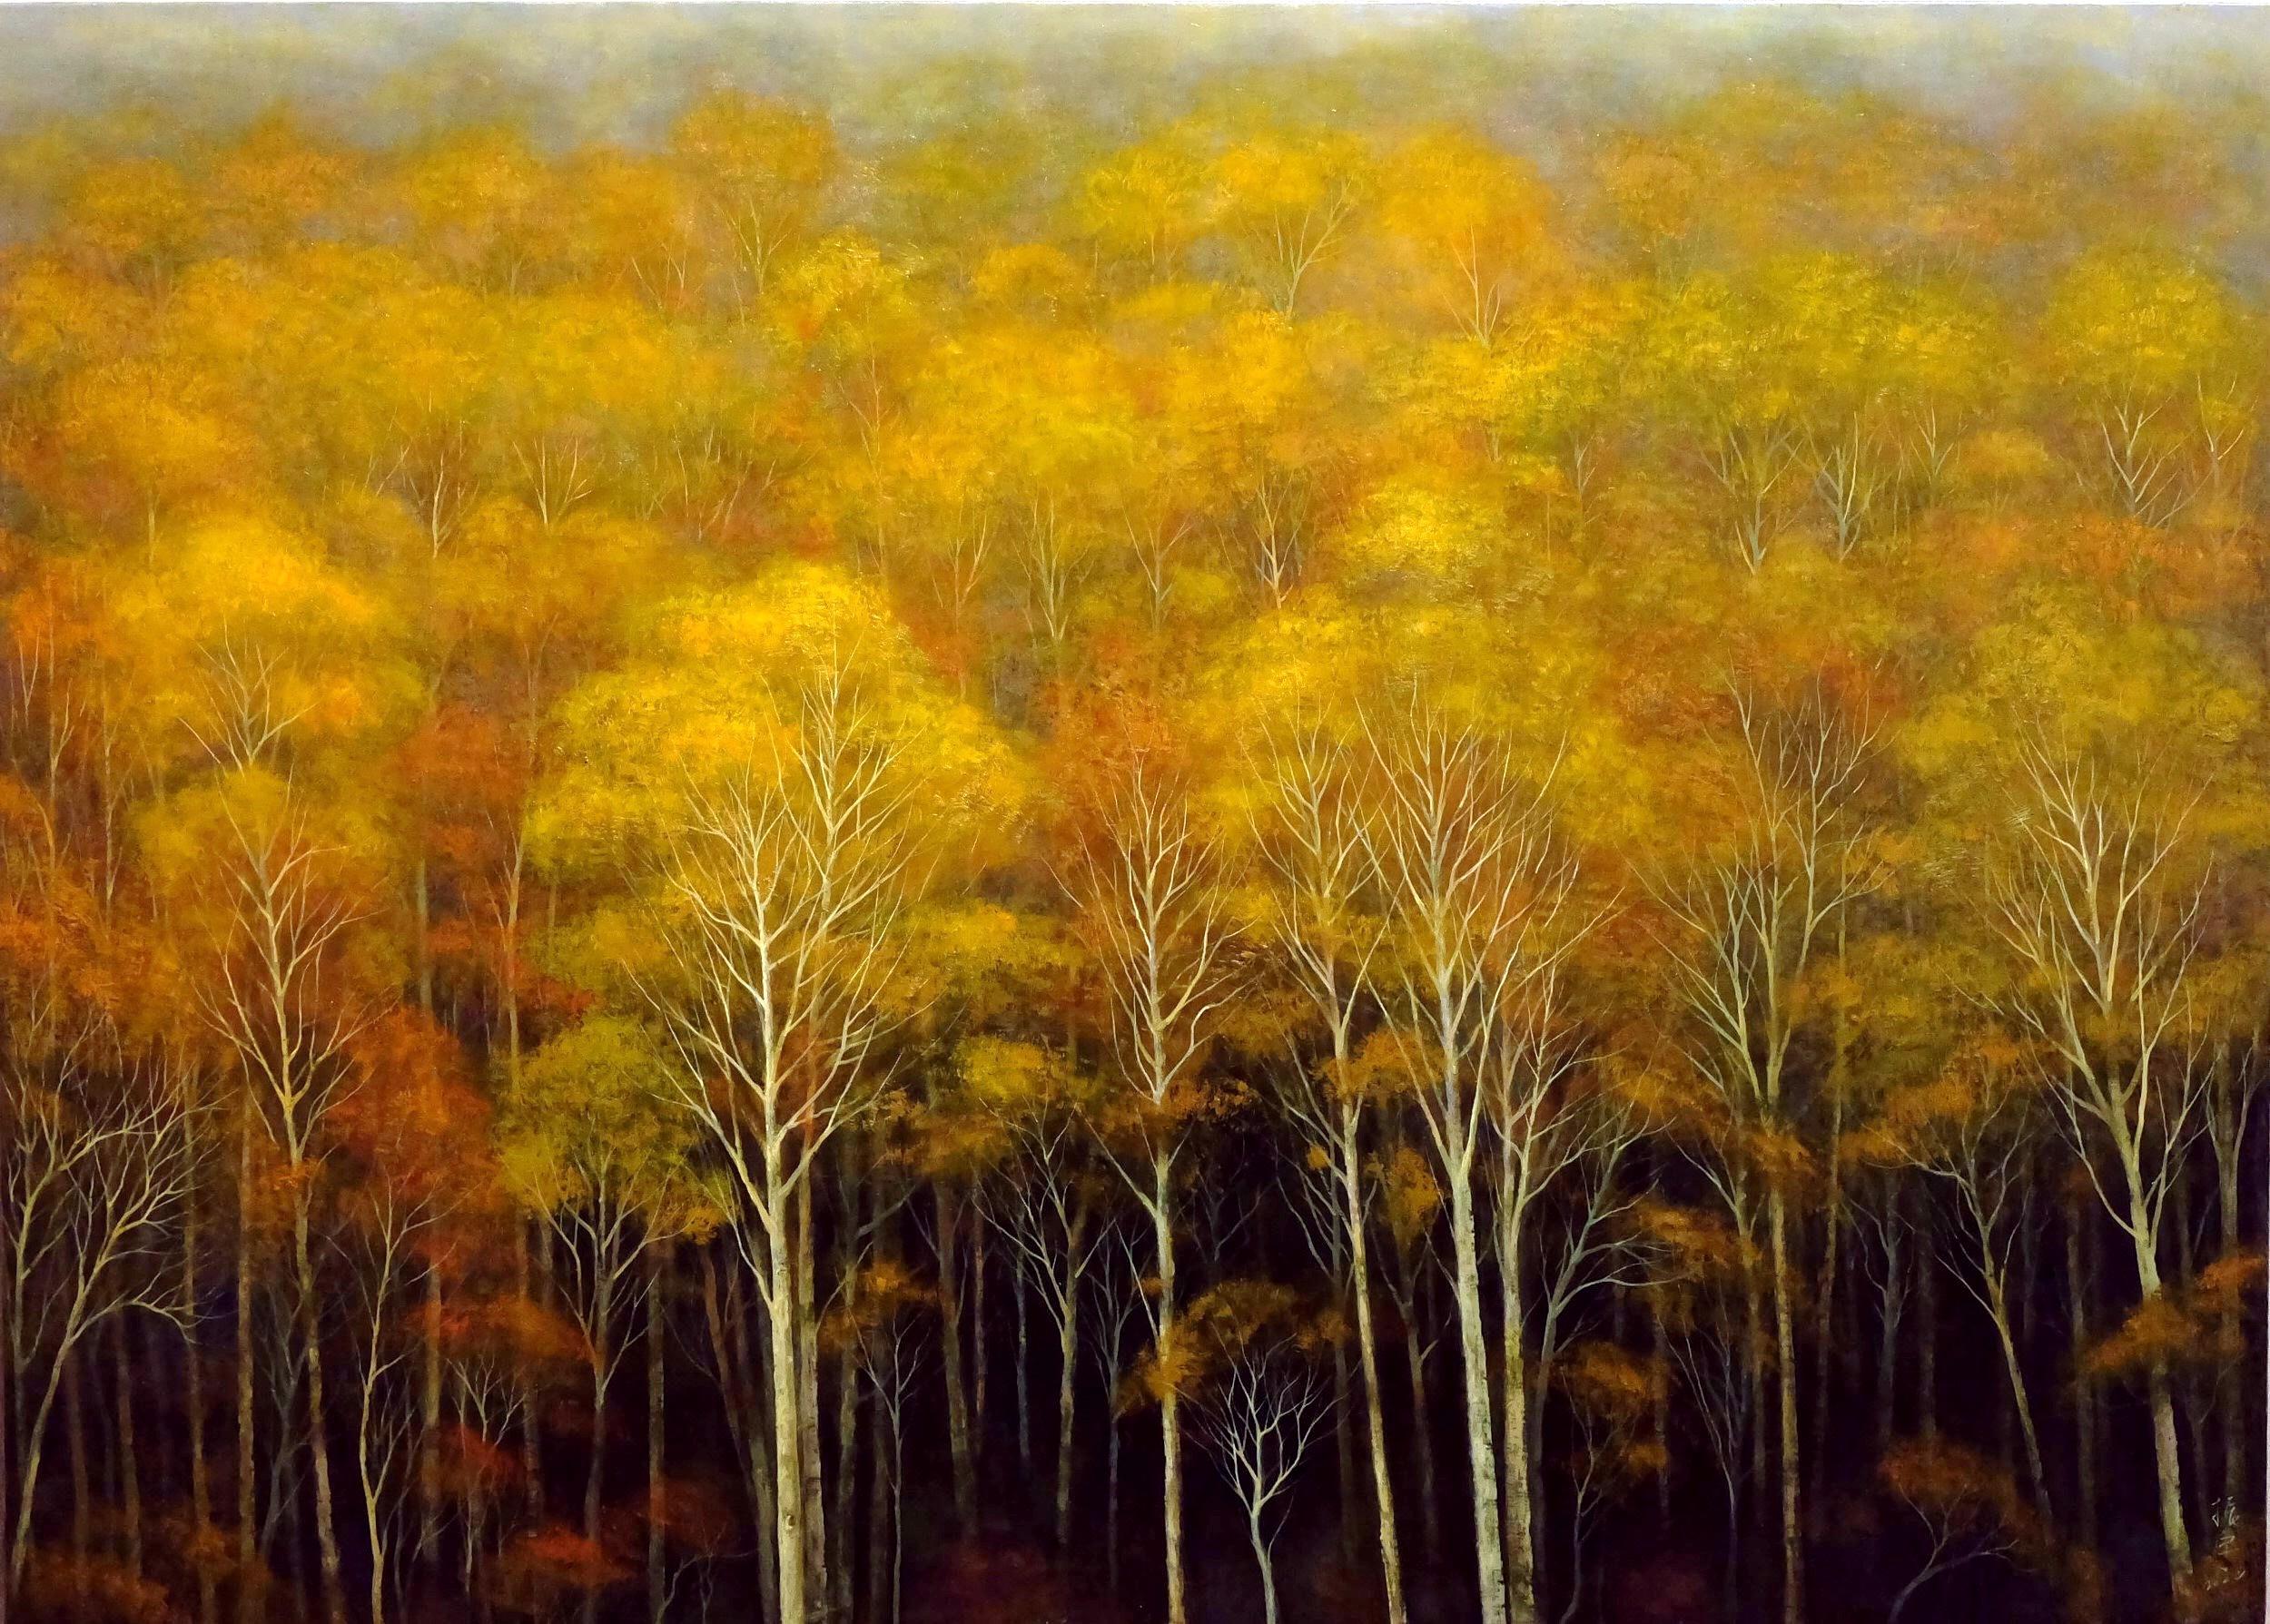 靜謐的秋樹林